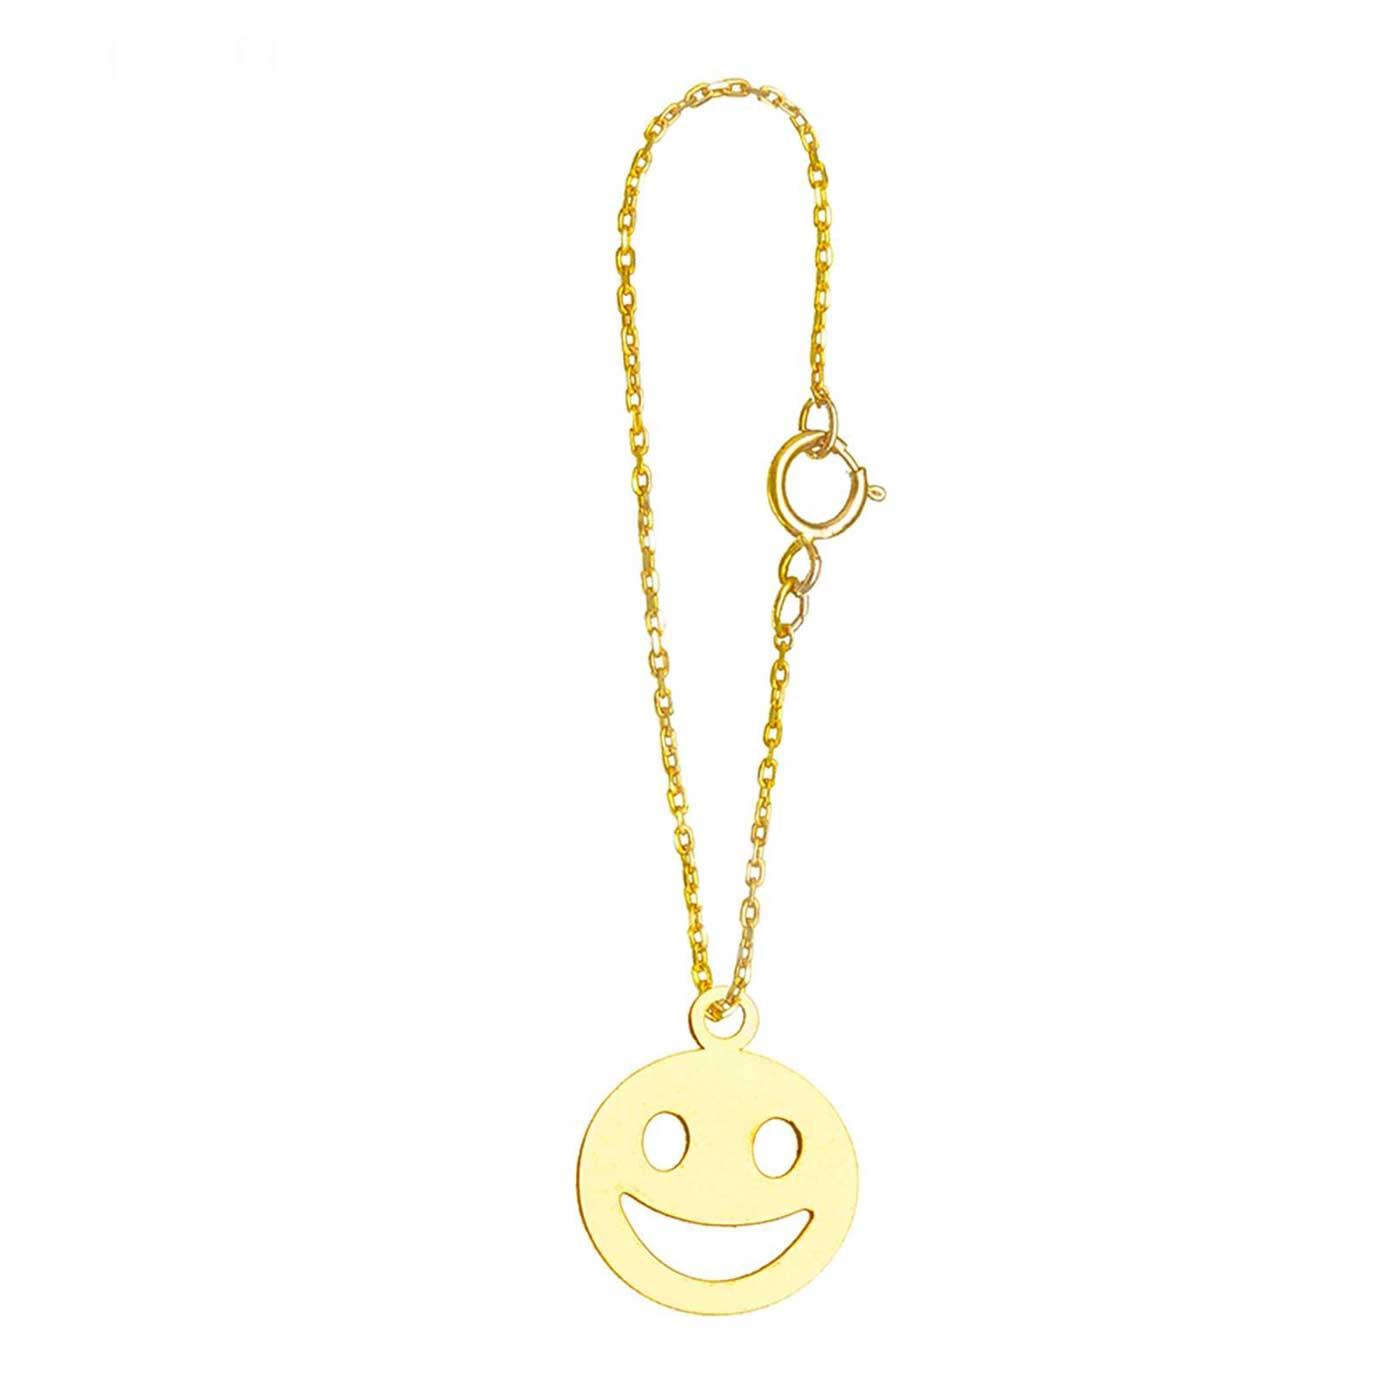 آویز ساعت طلا 18 عیار زنانه کانیار گالری کد AS34 -  - 1